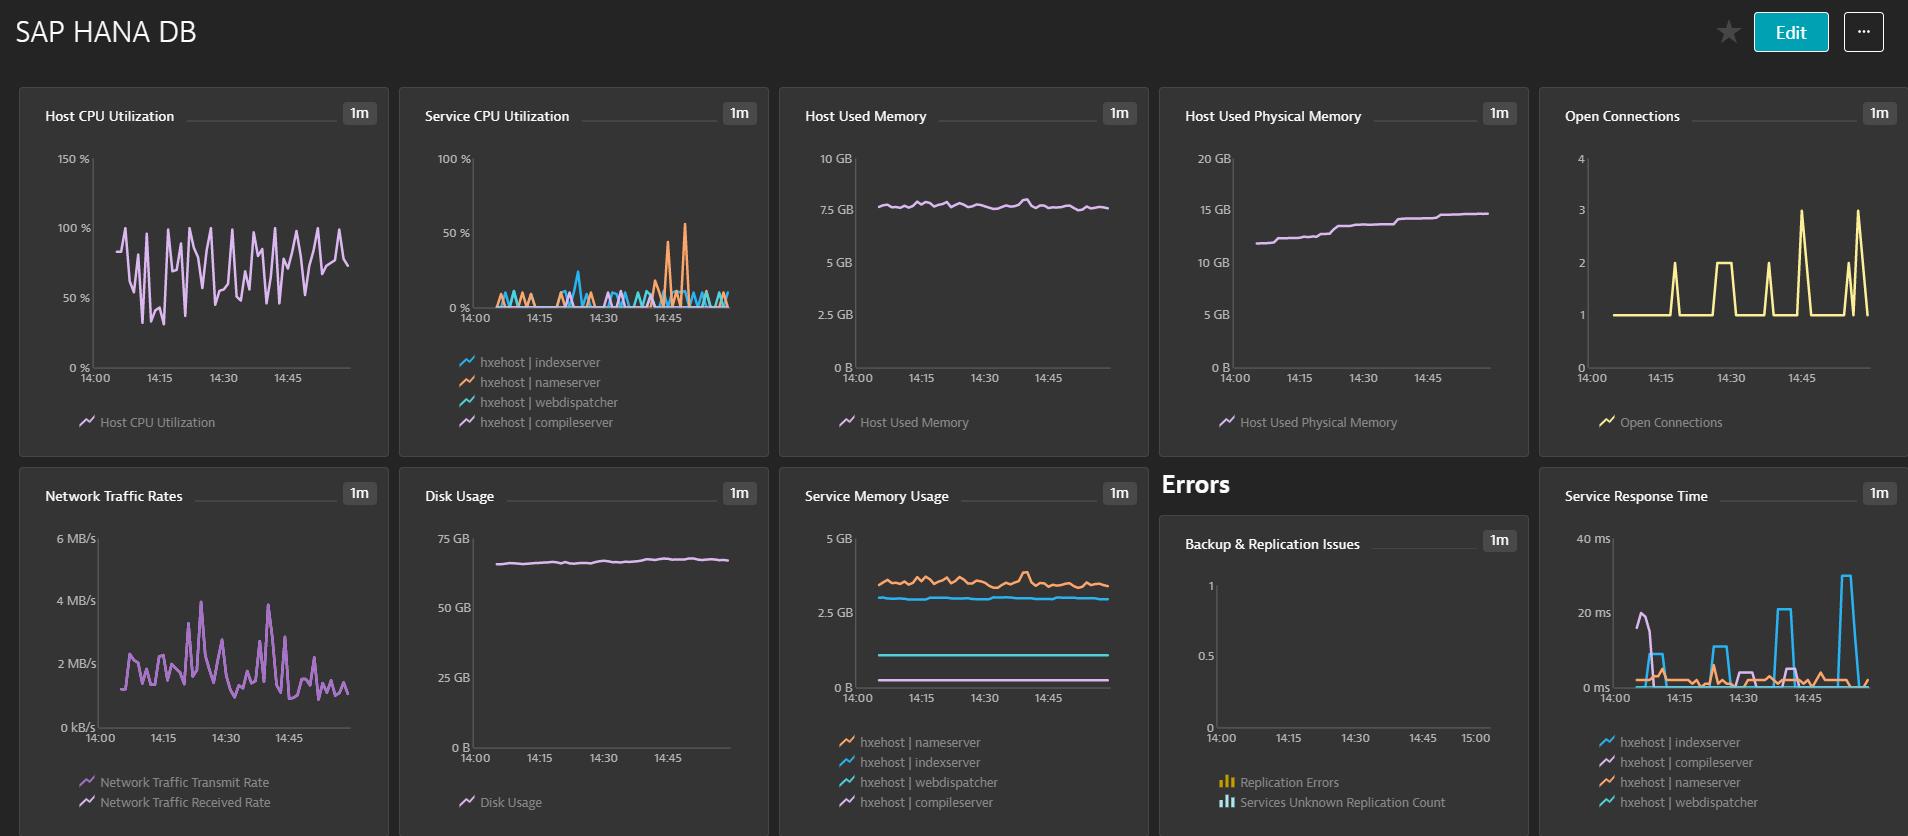 SAP HANA DB KPI Dynatrace Dashboard